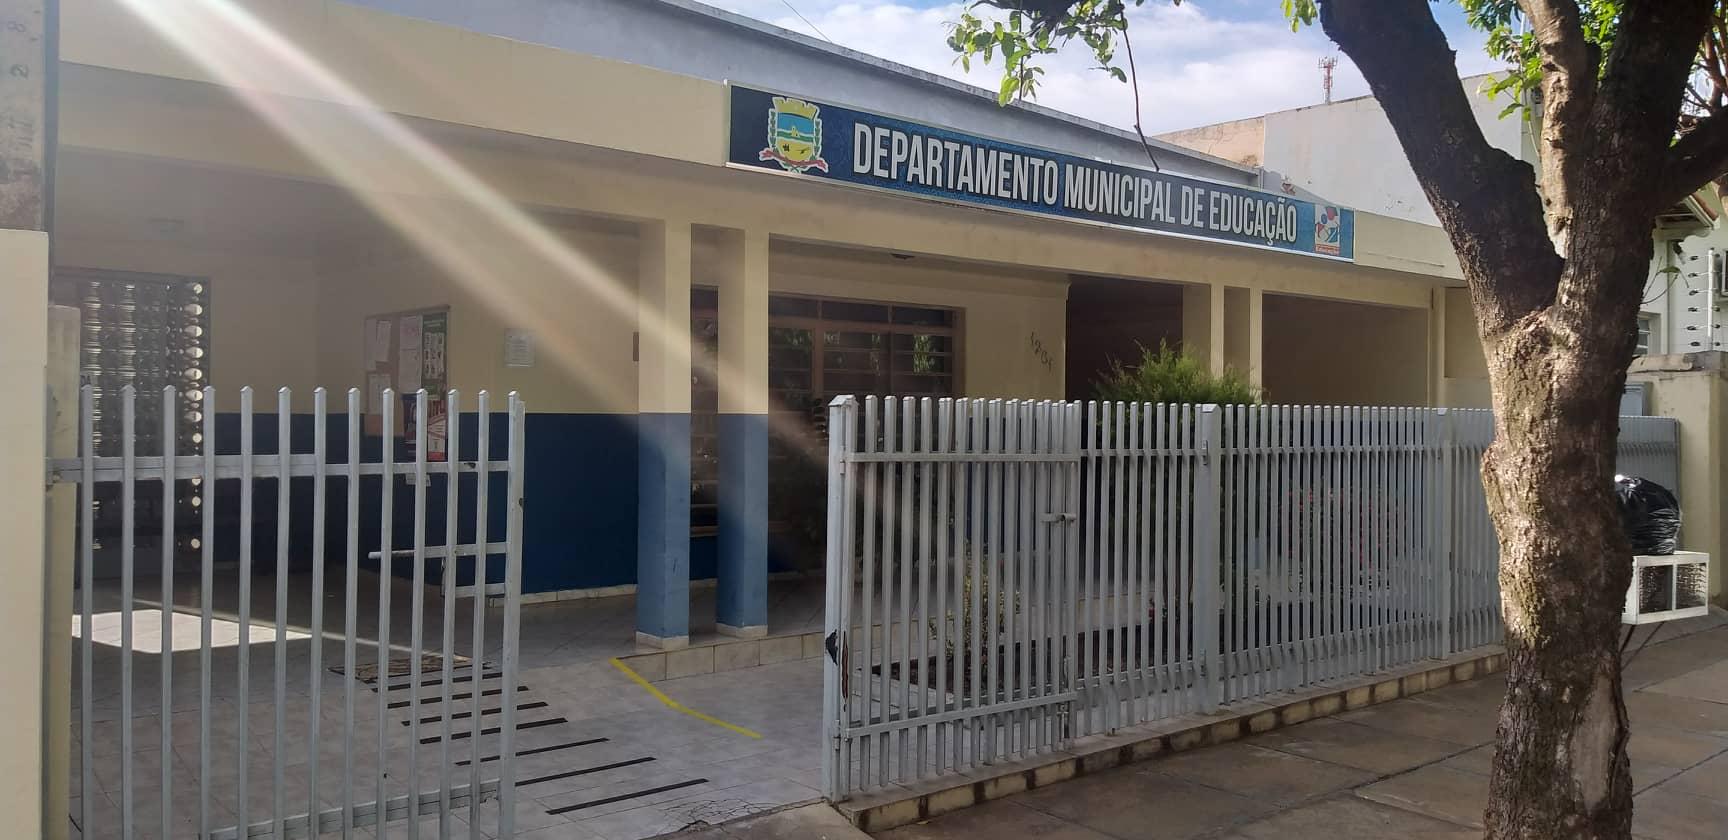 Departamento de Educação realiza capacitação com professores e funcionários das escolas municipais